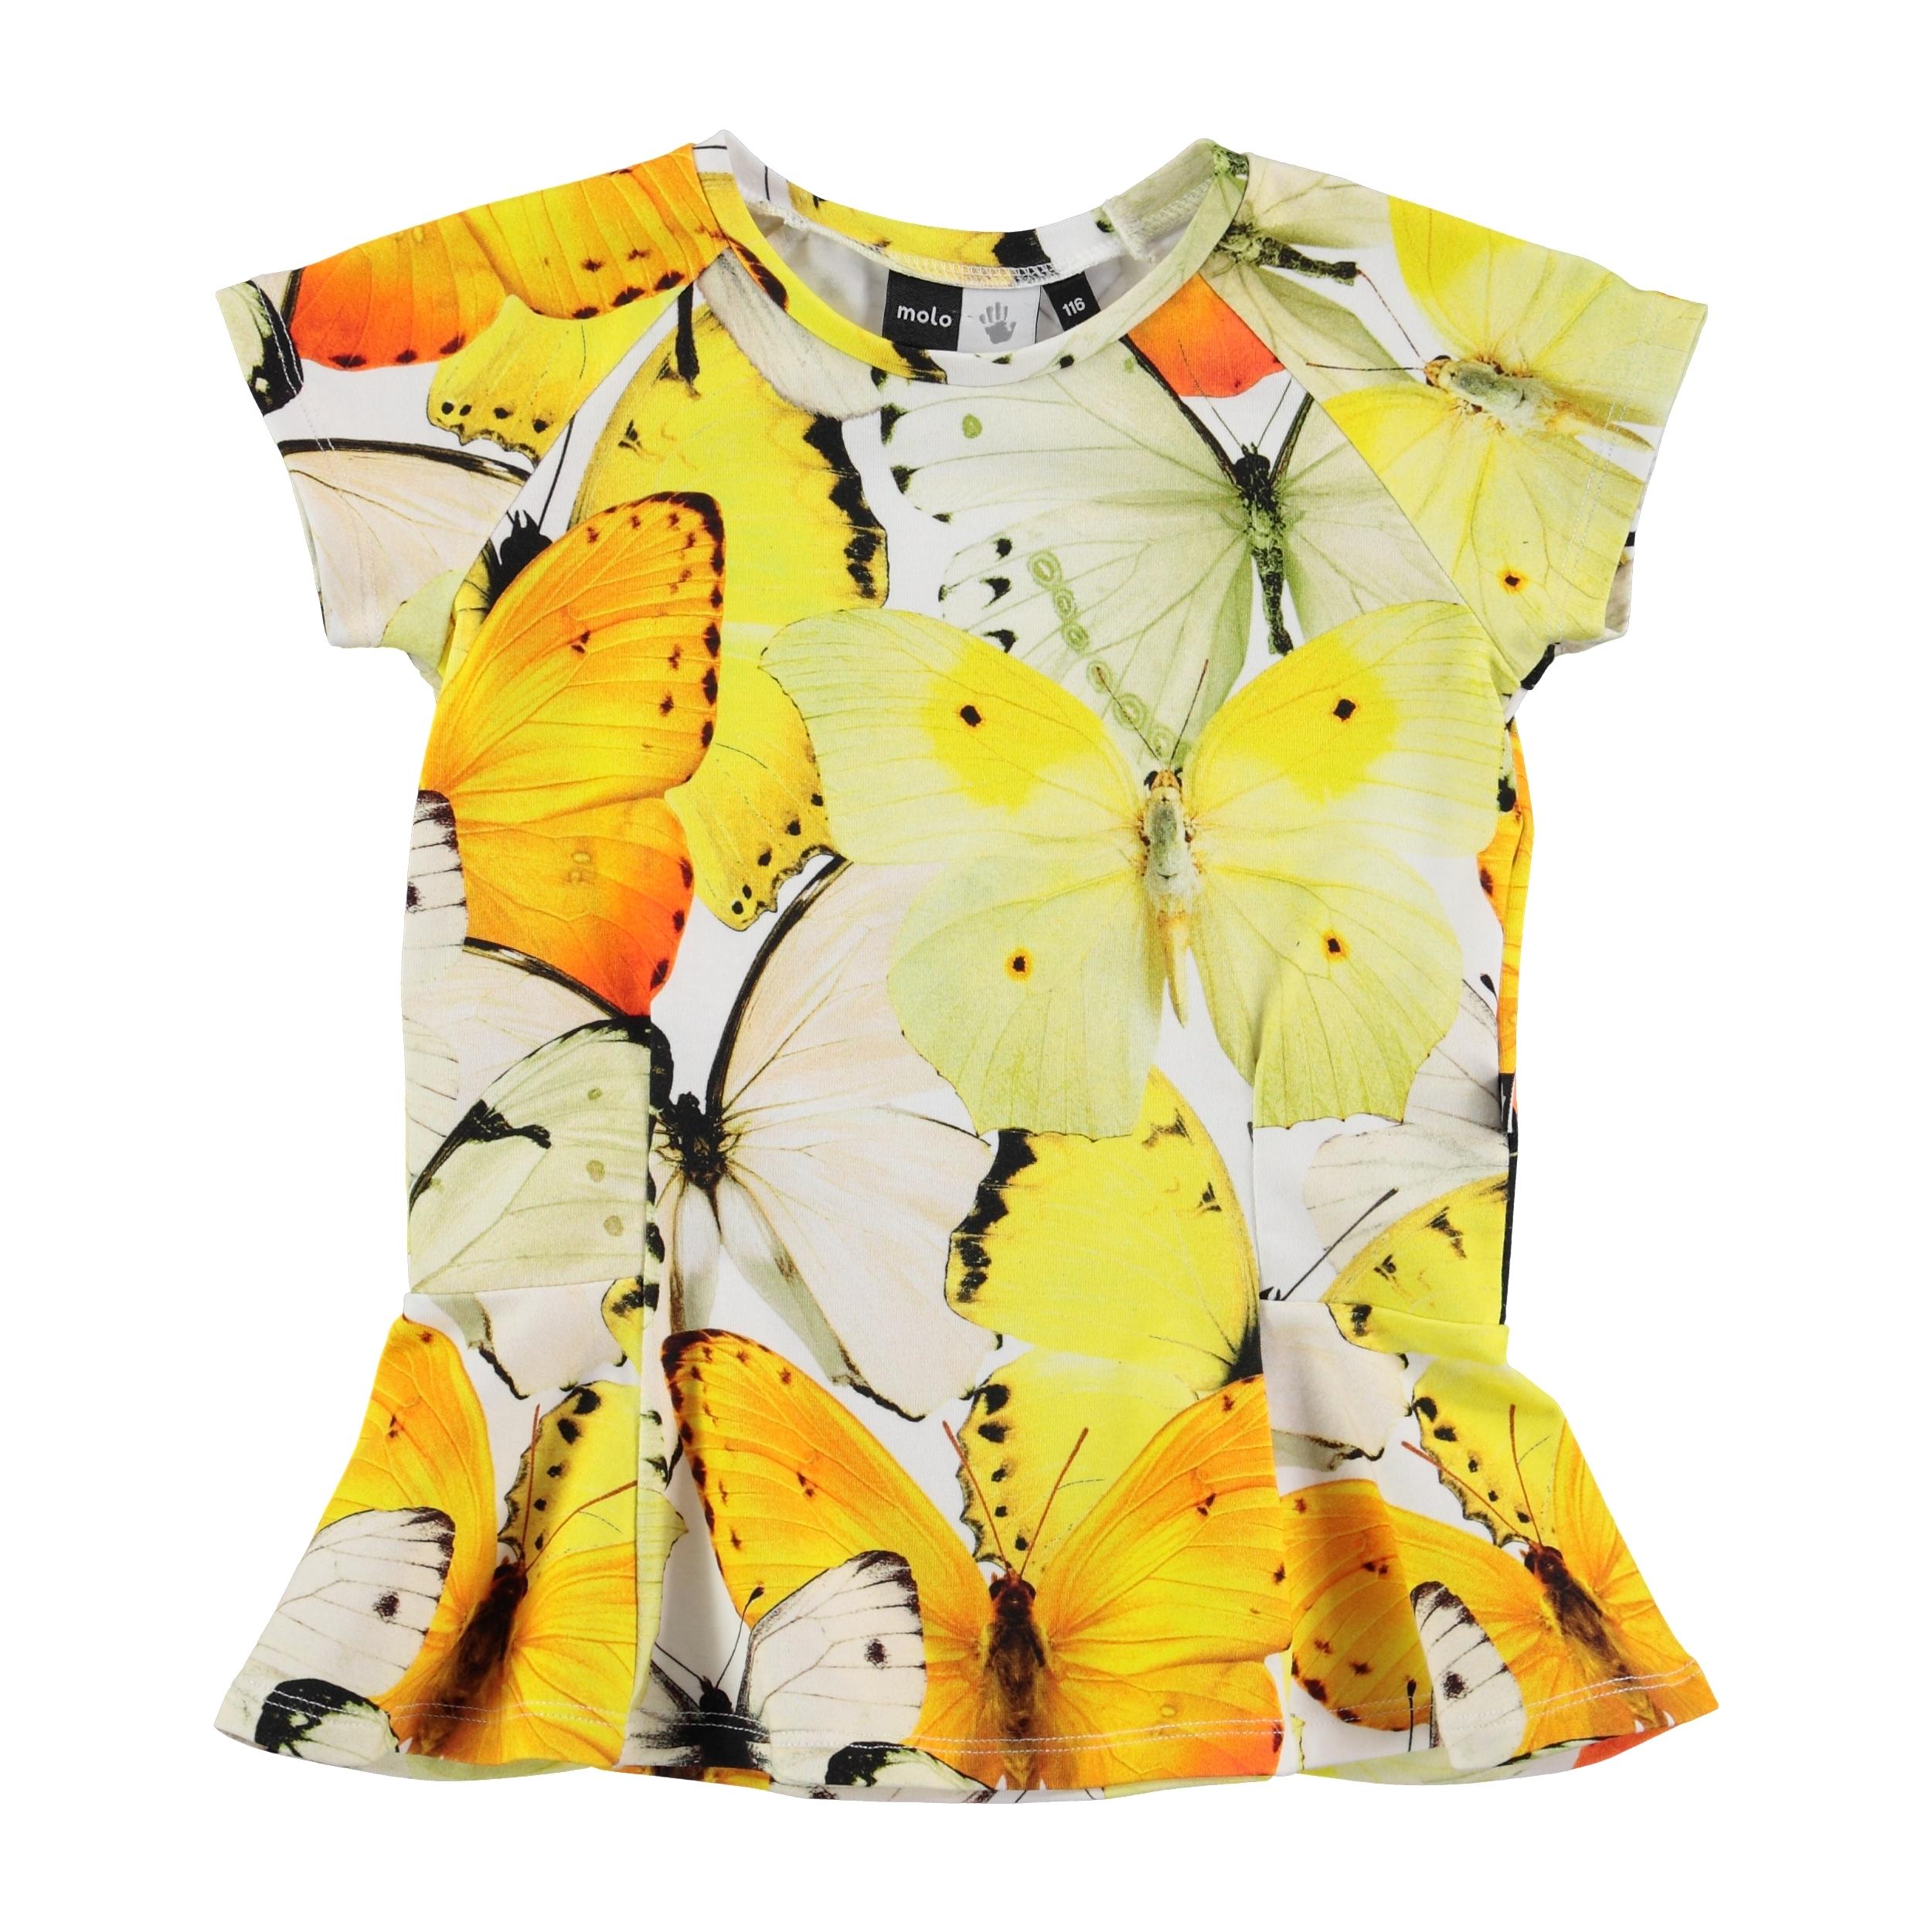 Molo butterfly print girls peplum top